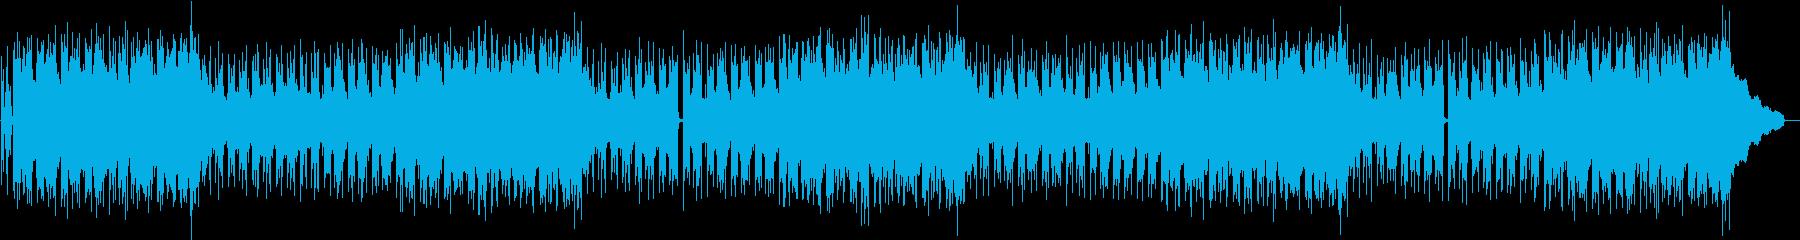 心地良いスローテンポのチルアウトの再生済みの波形